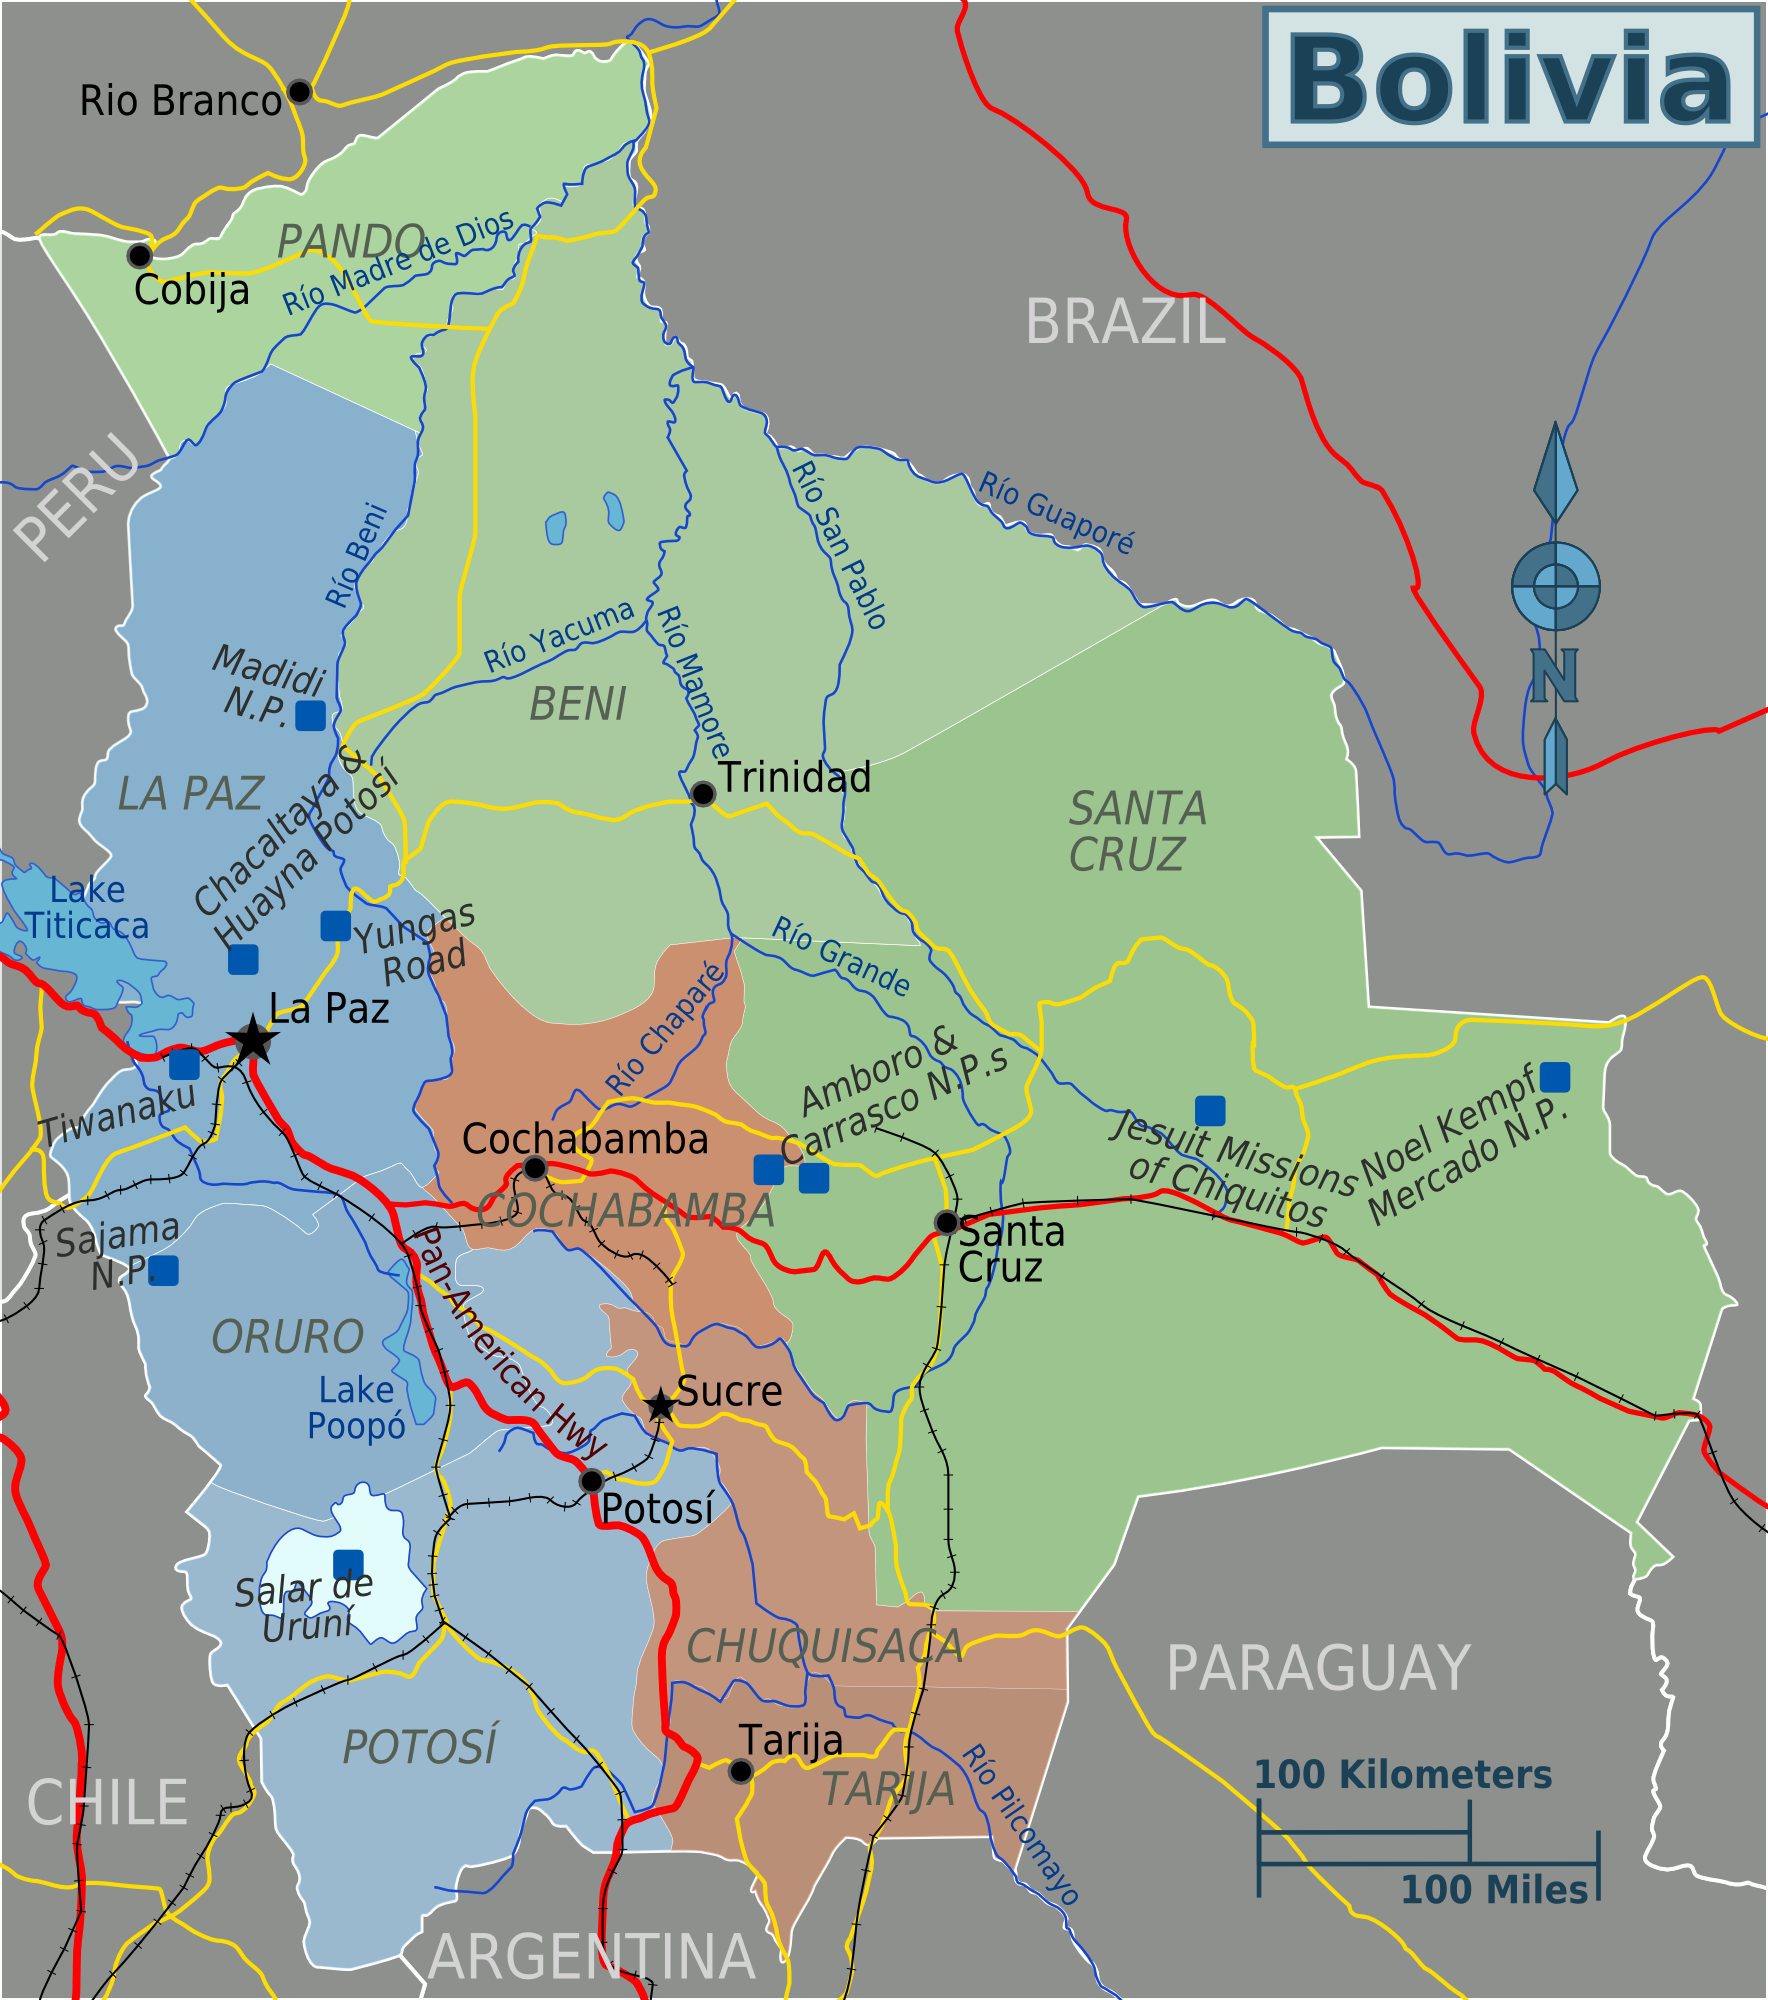 bolivien karte Landkarte Bolivien (Regionen) : Weltkarte.  Karten und